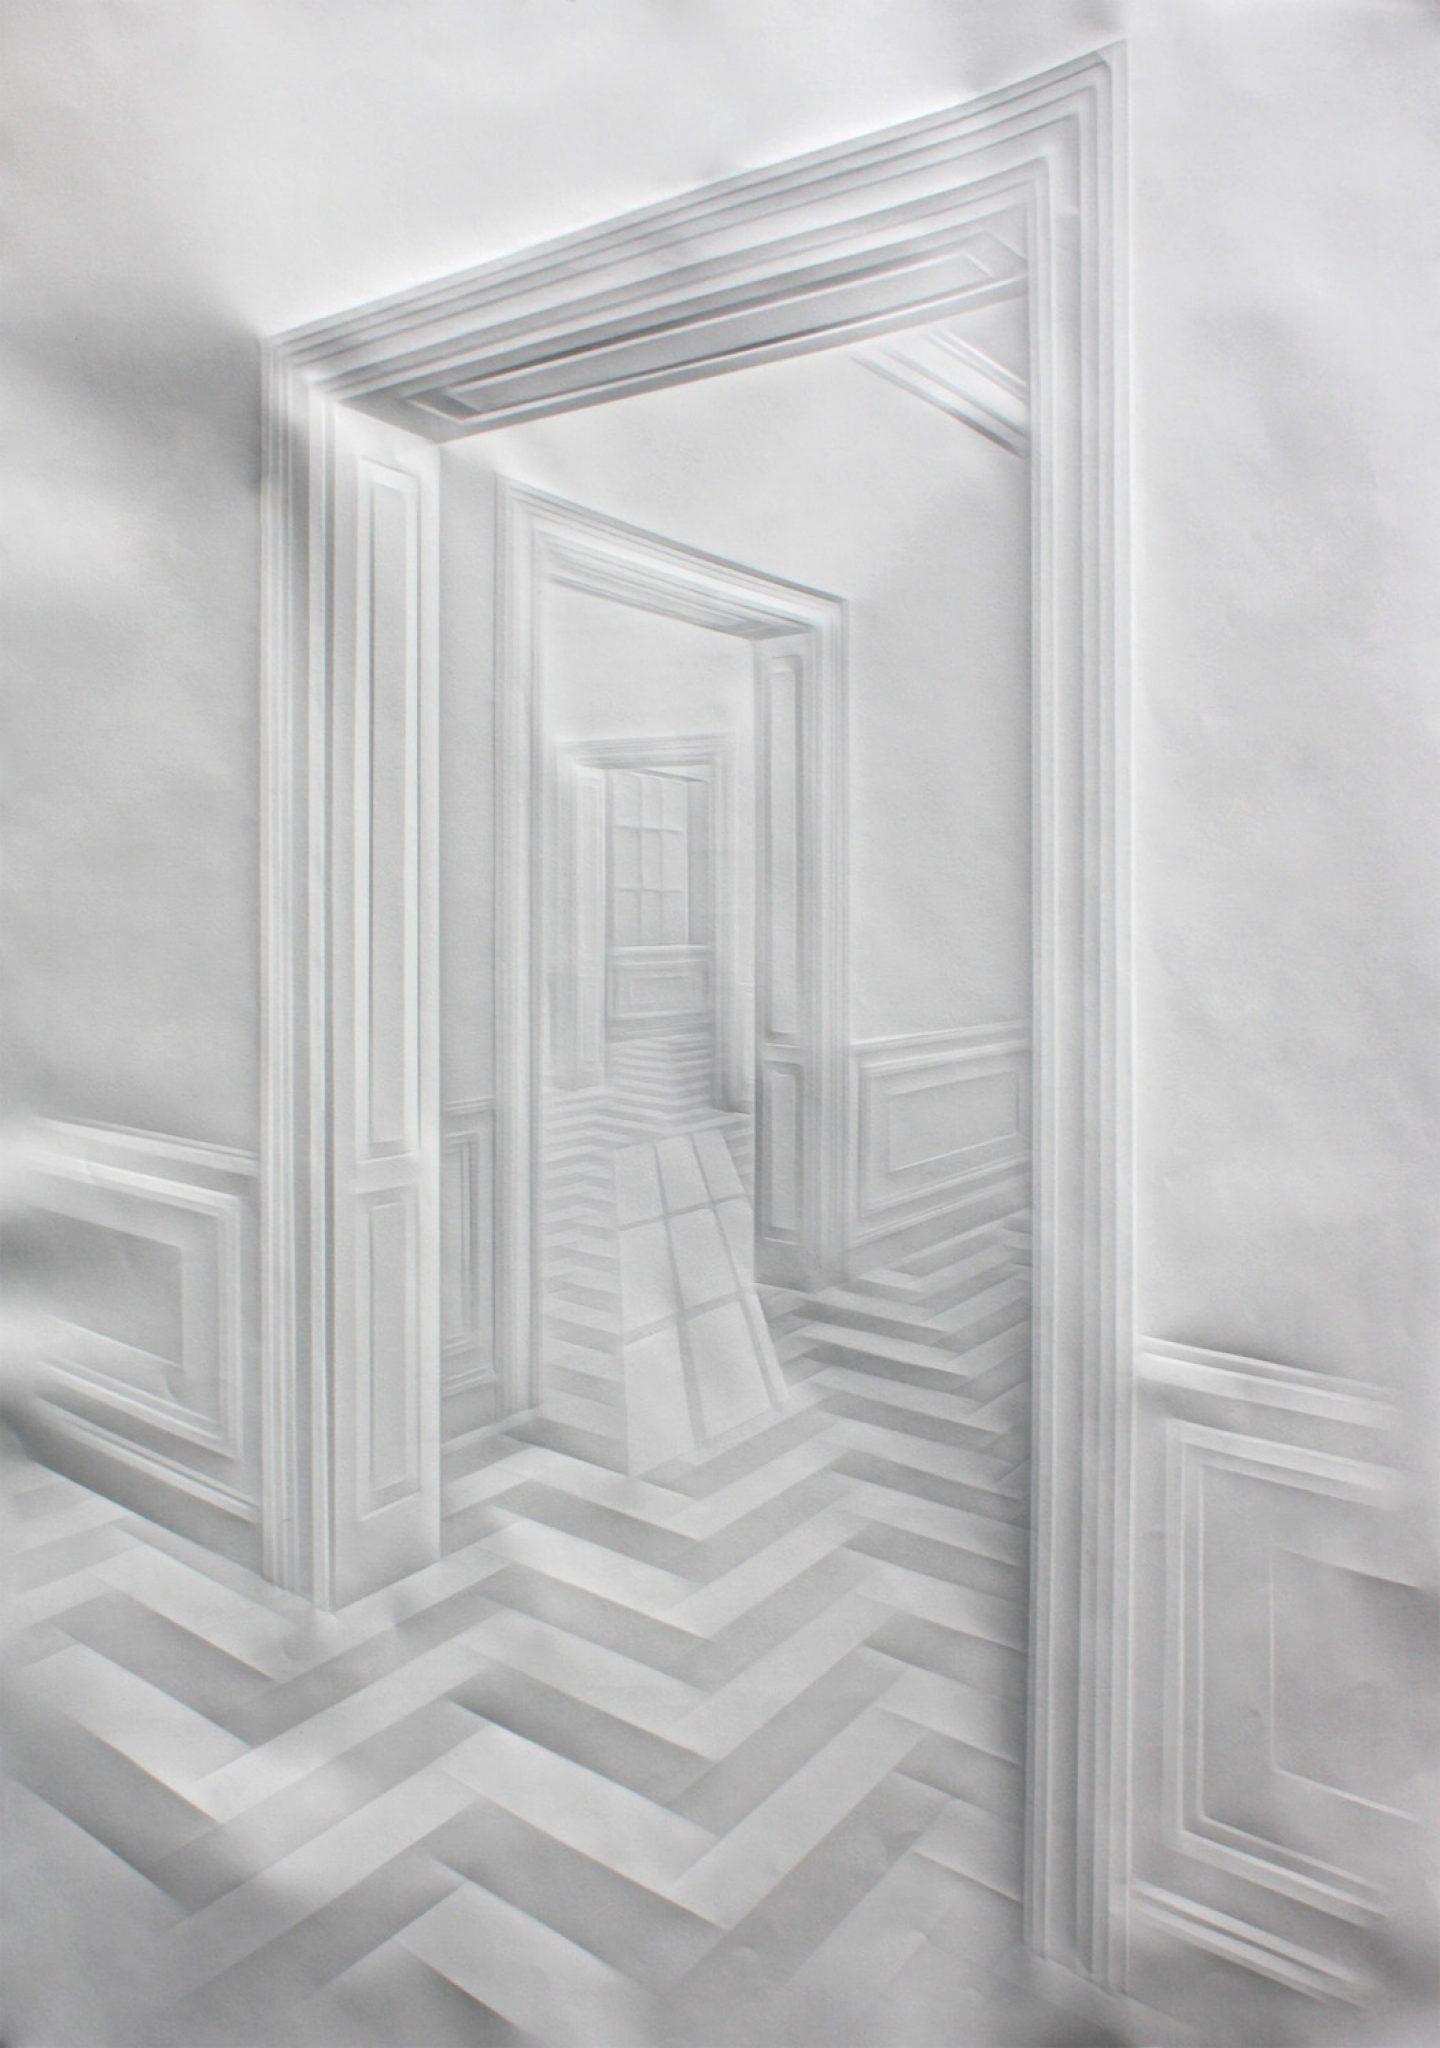 simonschubertohne Titel(Licht in Durchgängen), 2015, 100cmx 70cm